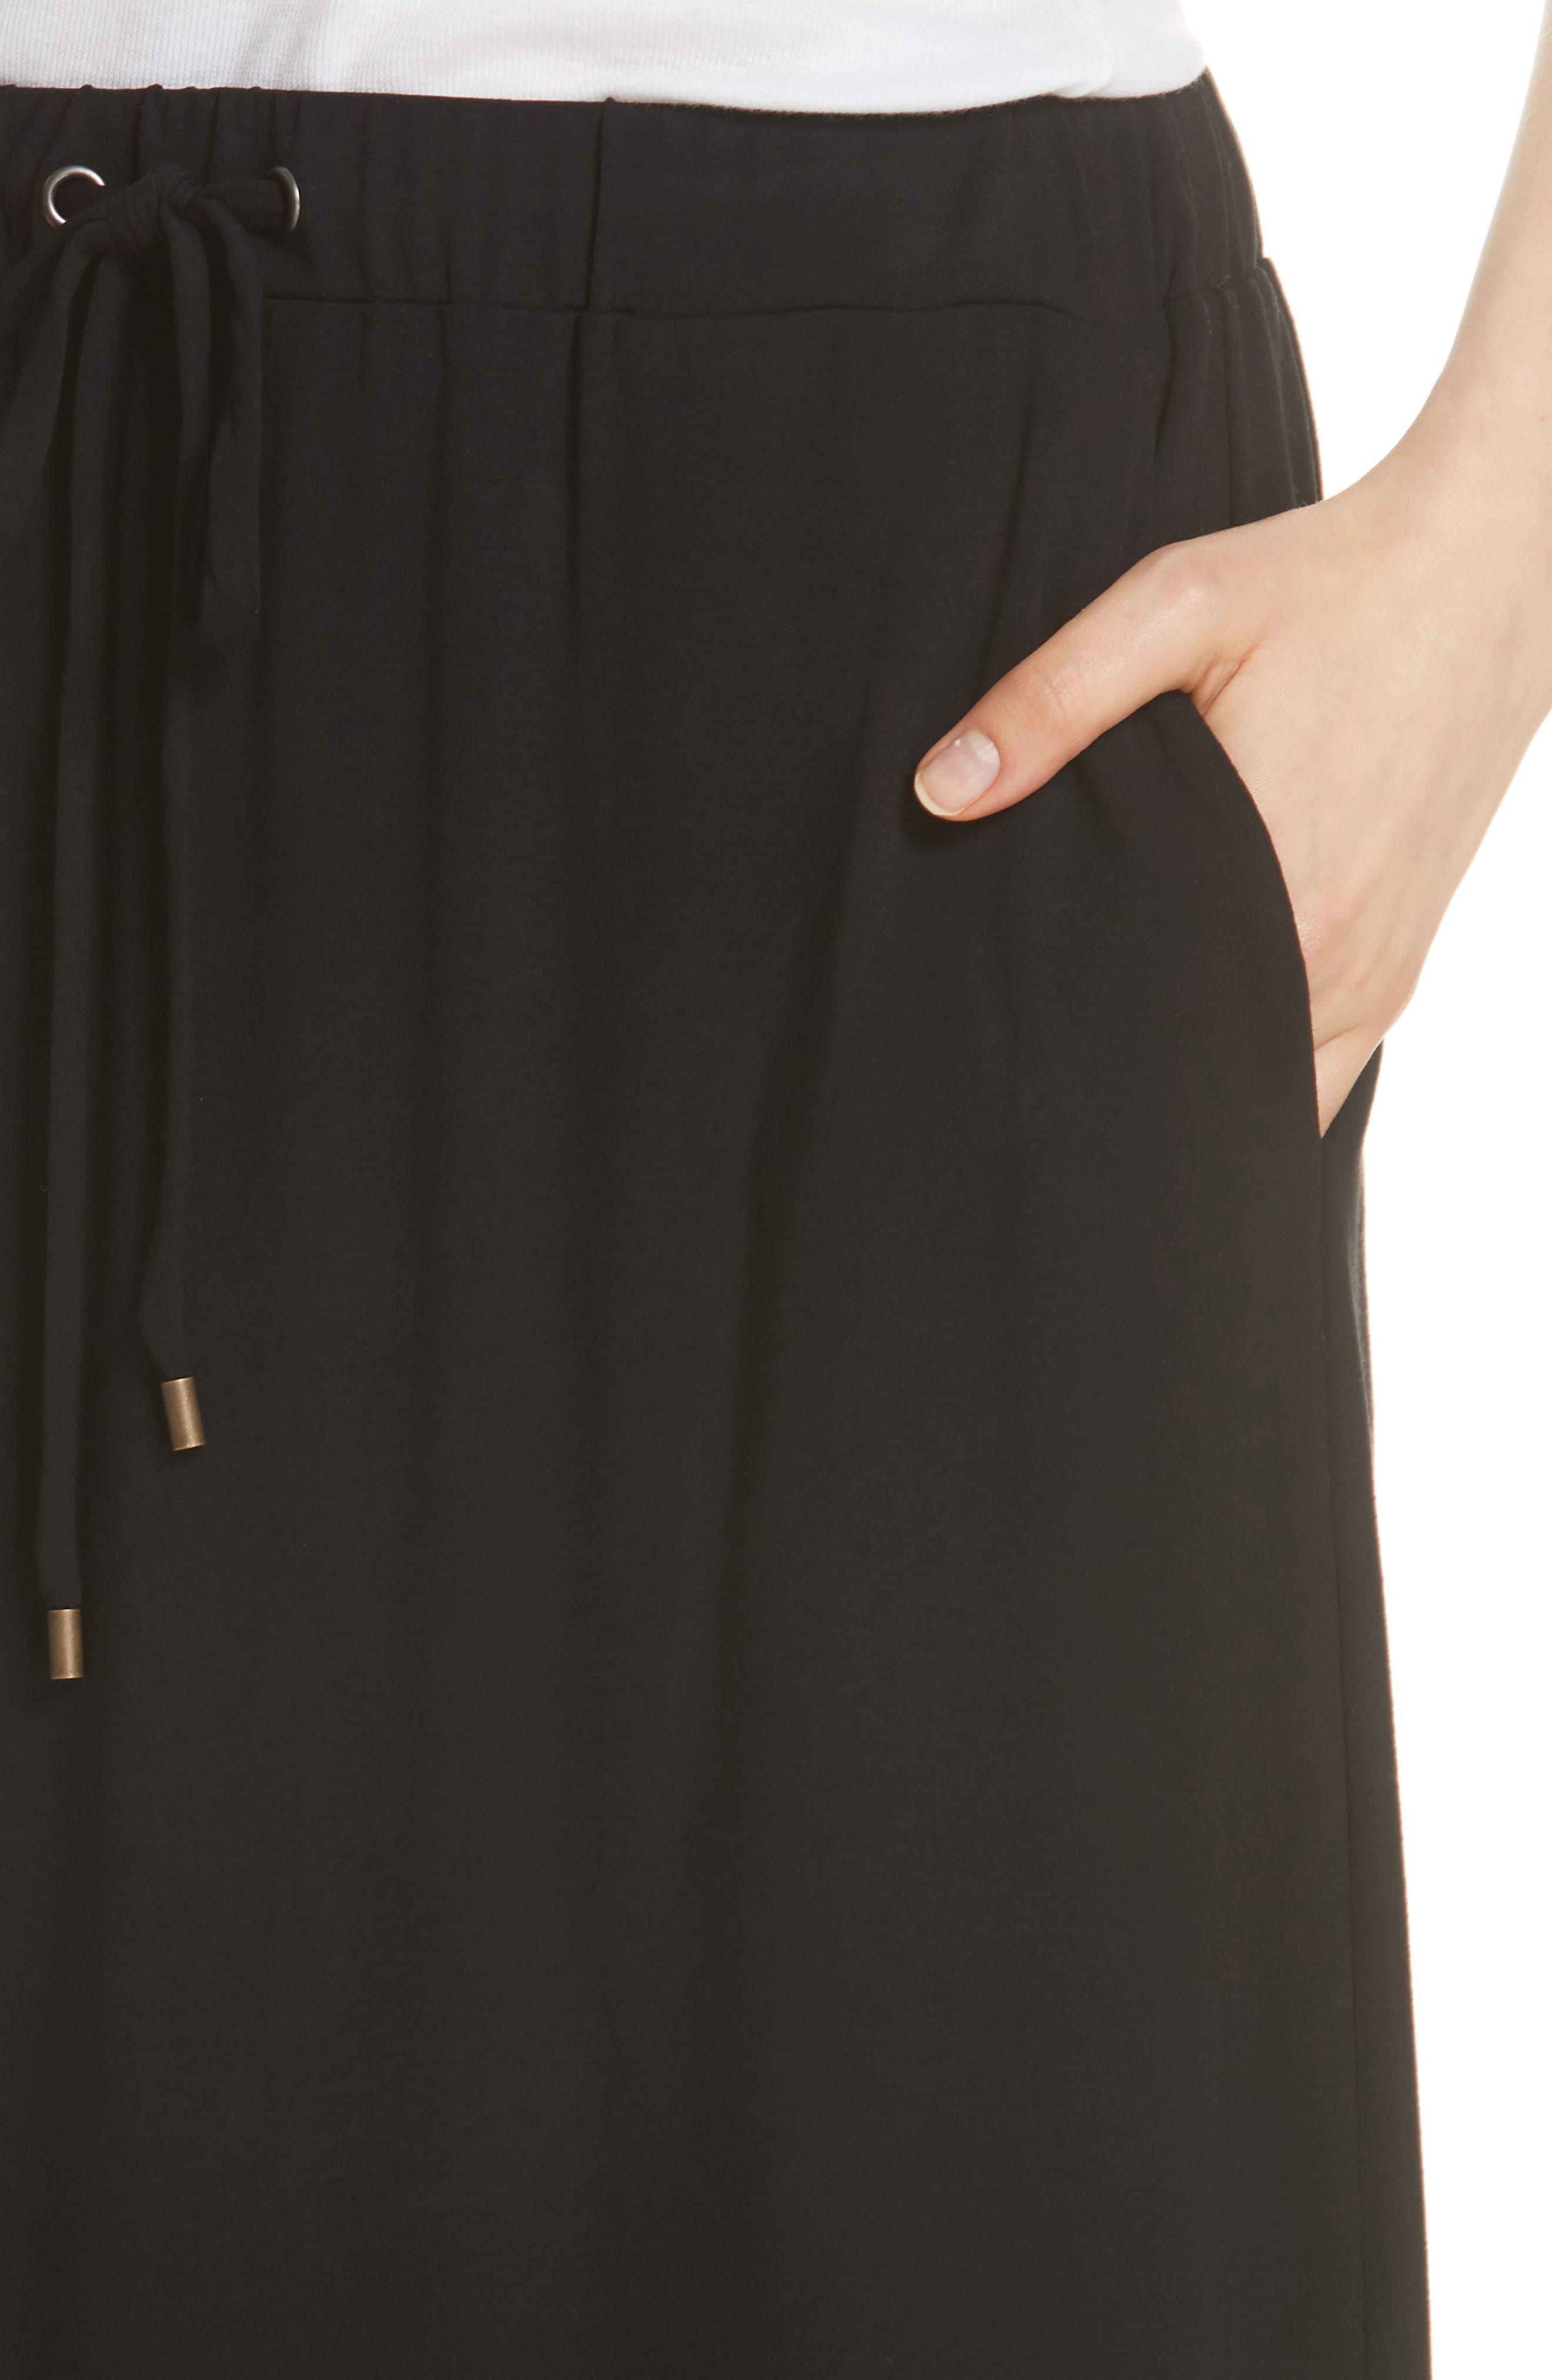 Drawstring Skirt,                             Alternate thumbnail 4, color,                             001